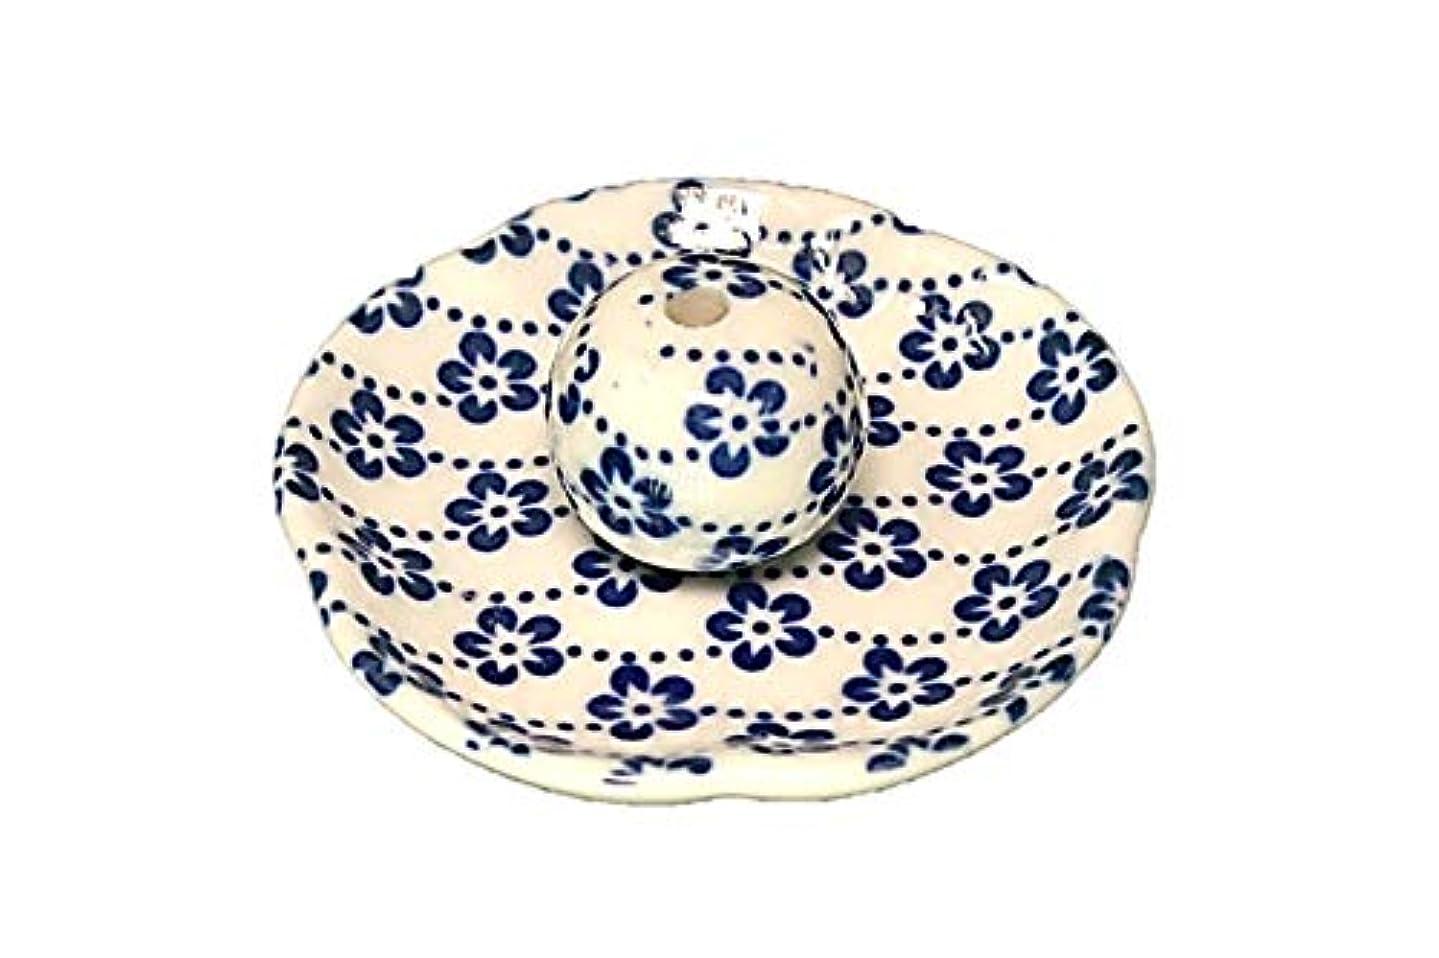 オークション差別化する影のある梅花 花形香皿 お香立て お香たて 日本製 ACSWEBSHOPオリジナル